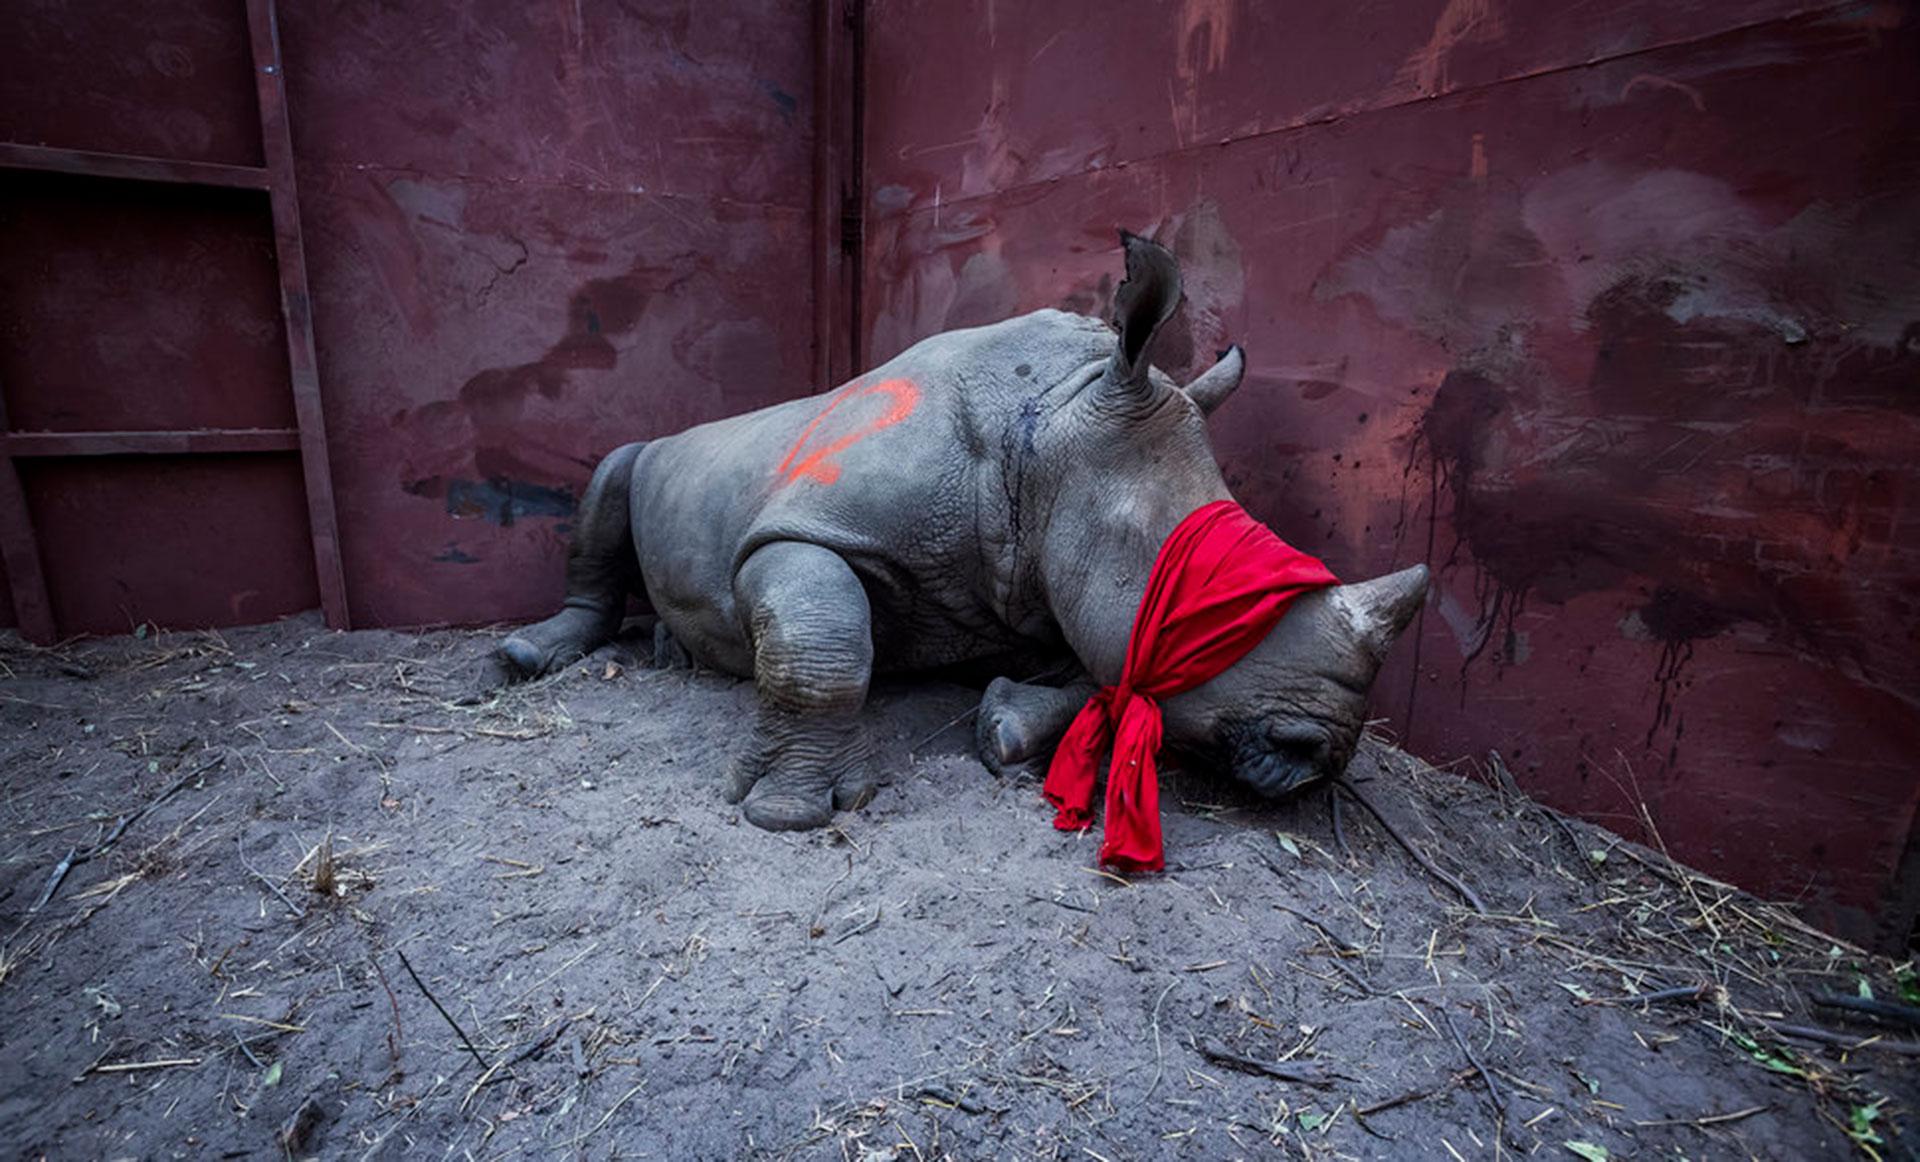 """Competencia """"Profesional"""" – Categoría """"Naturaleza y Vida Silvestre"""": un joven rinoceronte blanco espera en un boma, con los ojos vendados y parcialmente drogado después de un largo viaje desde Sudáfrica, antes de ser liberado a la naturaleza en Botswana como parte de los esfuerzos para reconstruir las poblaciones de rinocerontes perdidas del país. (Gentileza Sony World Photography Awards)"""